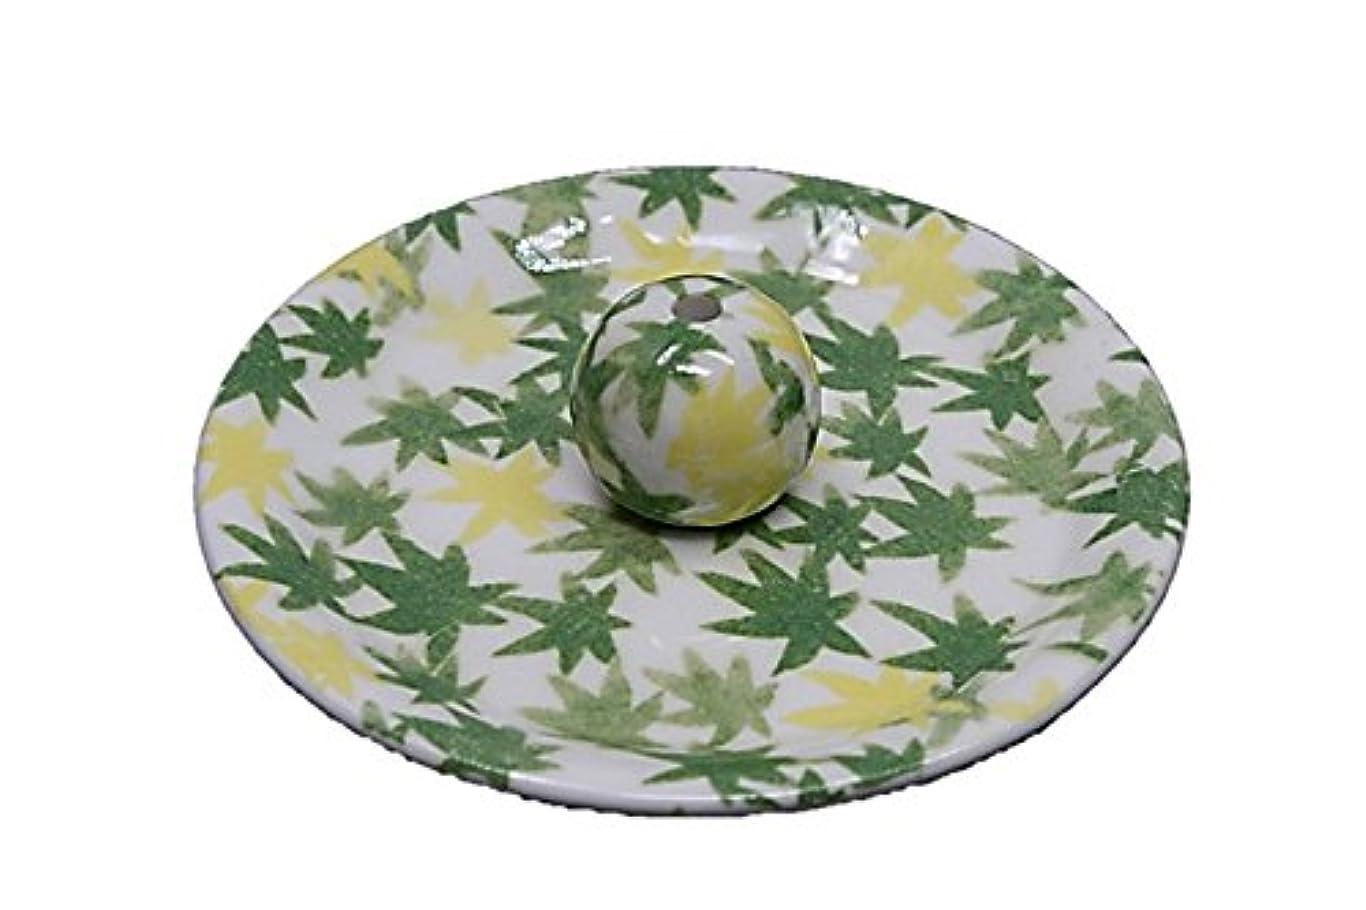 あいまいさマットレスいちゃつく9-17 和路 緑 9cm香皿 お香立て お香たて 陶器 日本製 製造?直売品